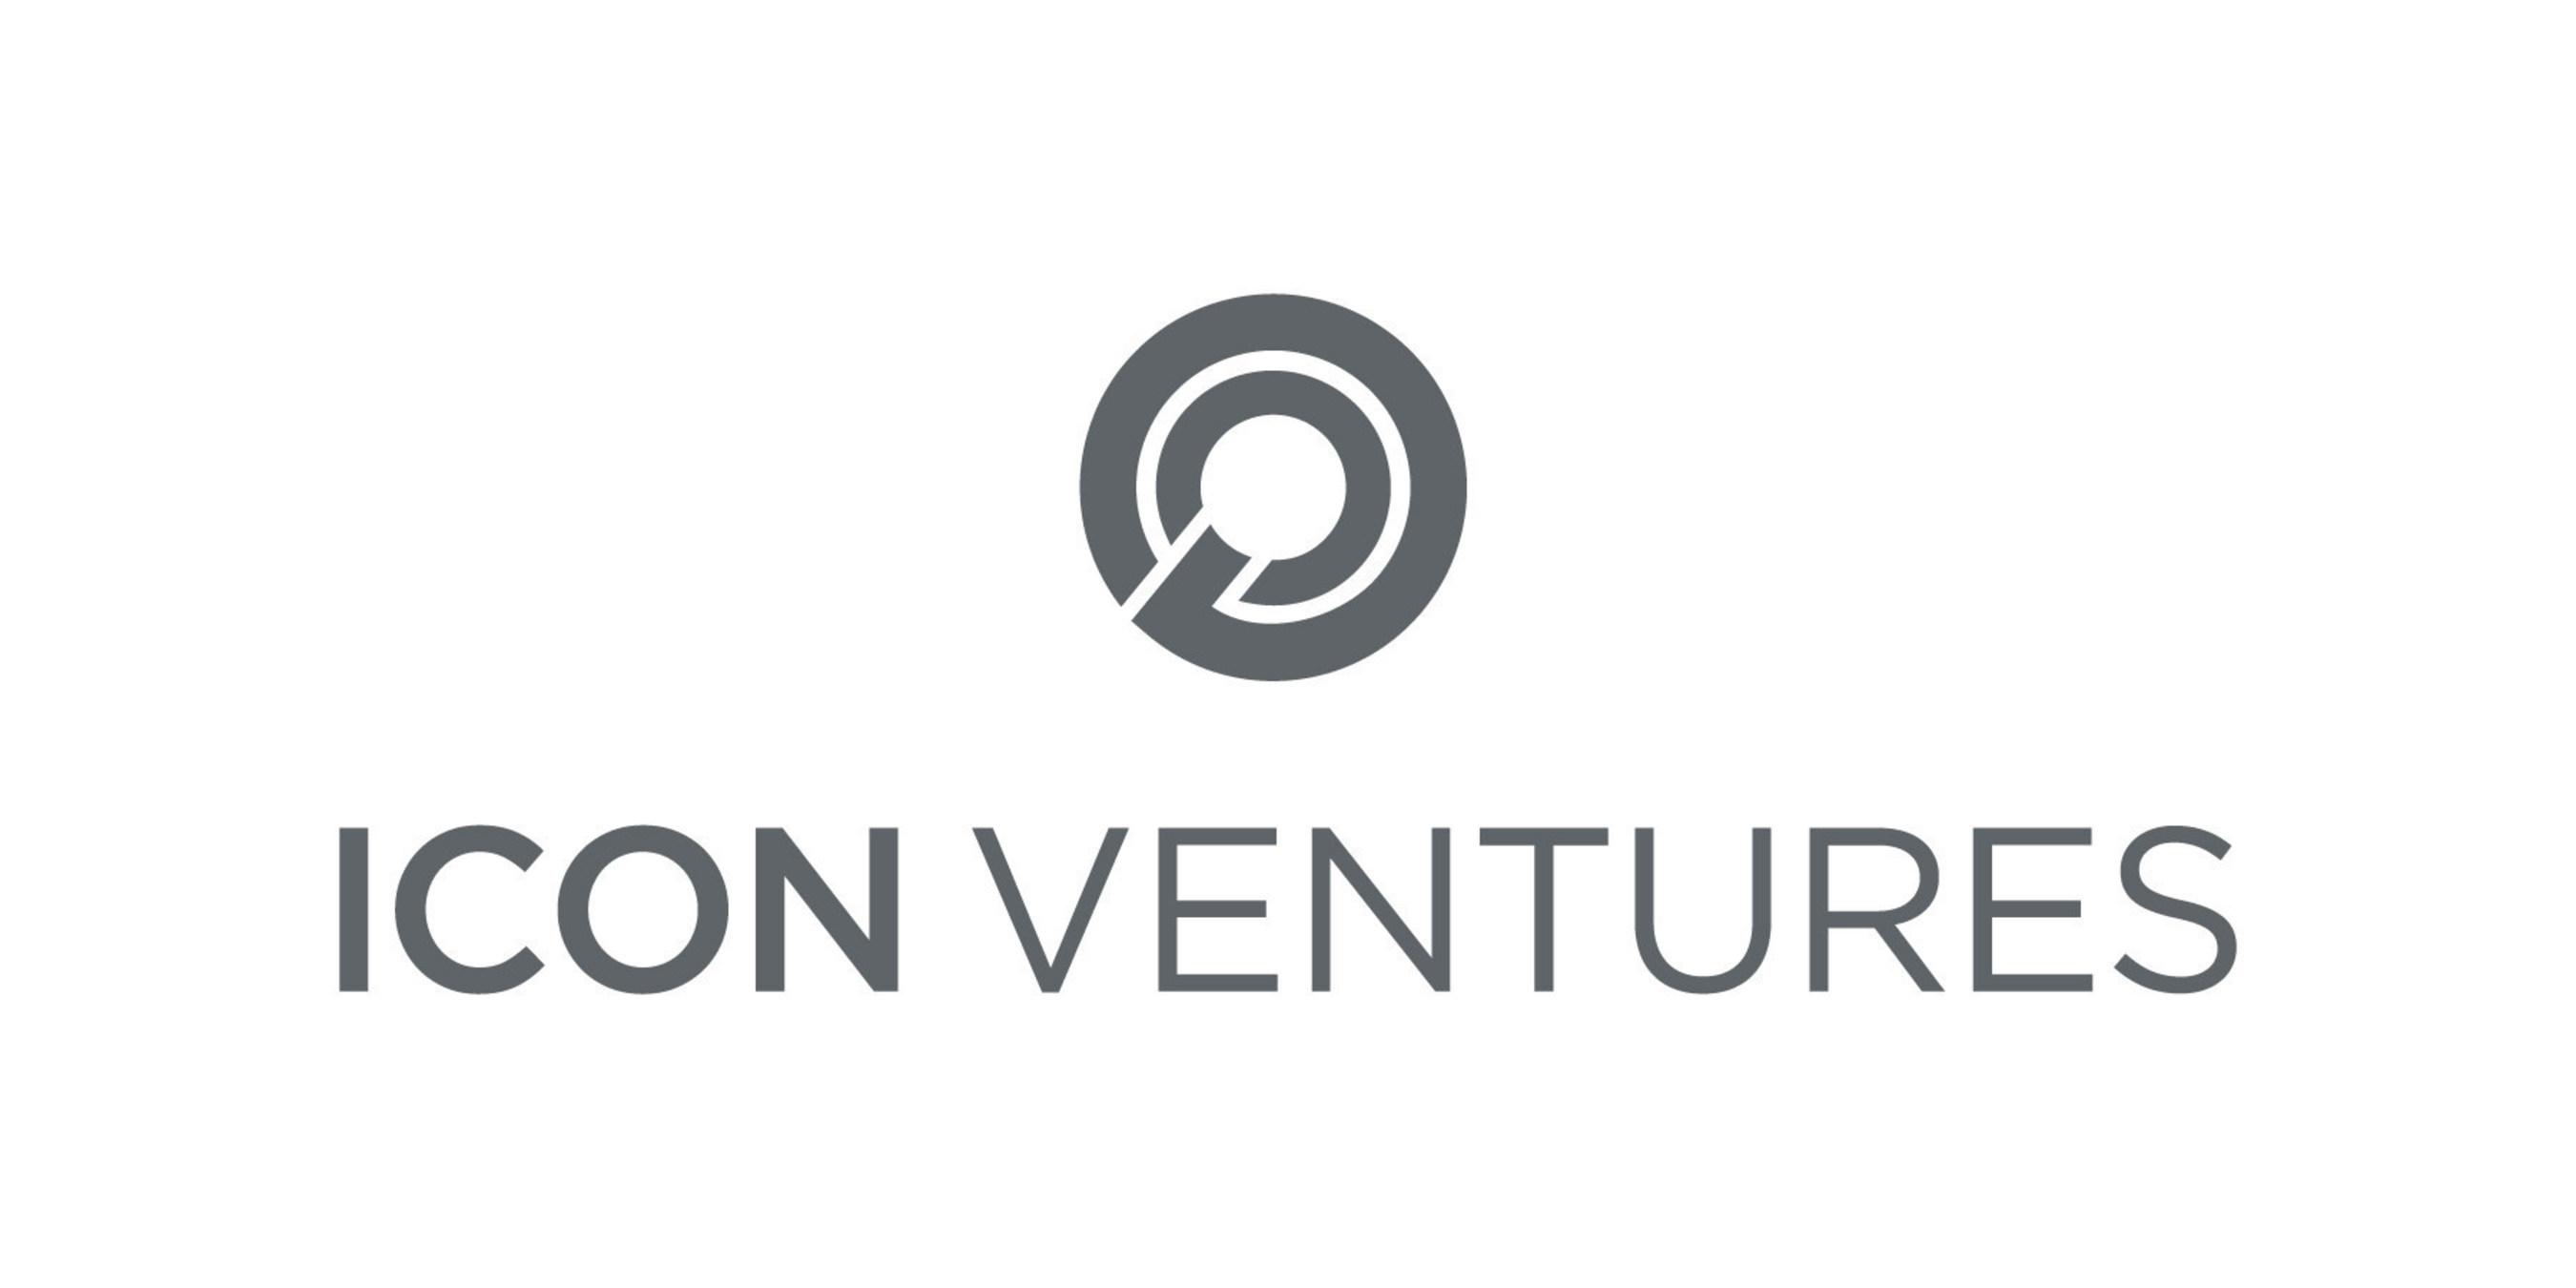 Jafco Ventures Rebrands to Icon Ventures; Adds New Venture